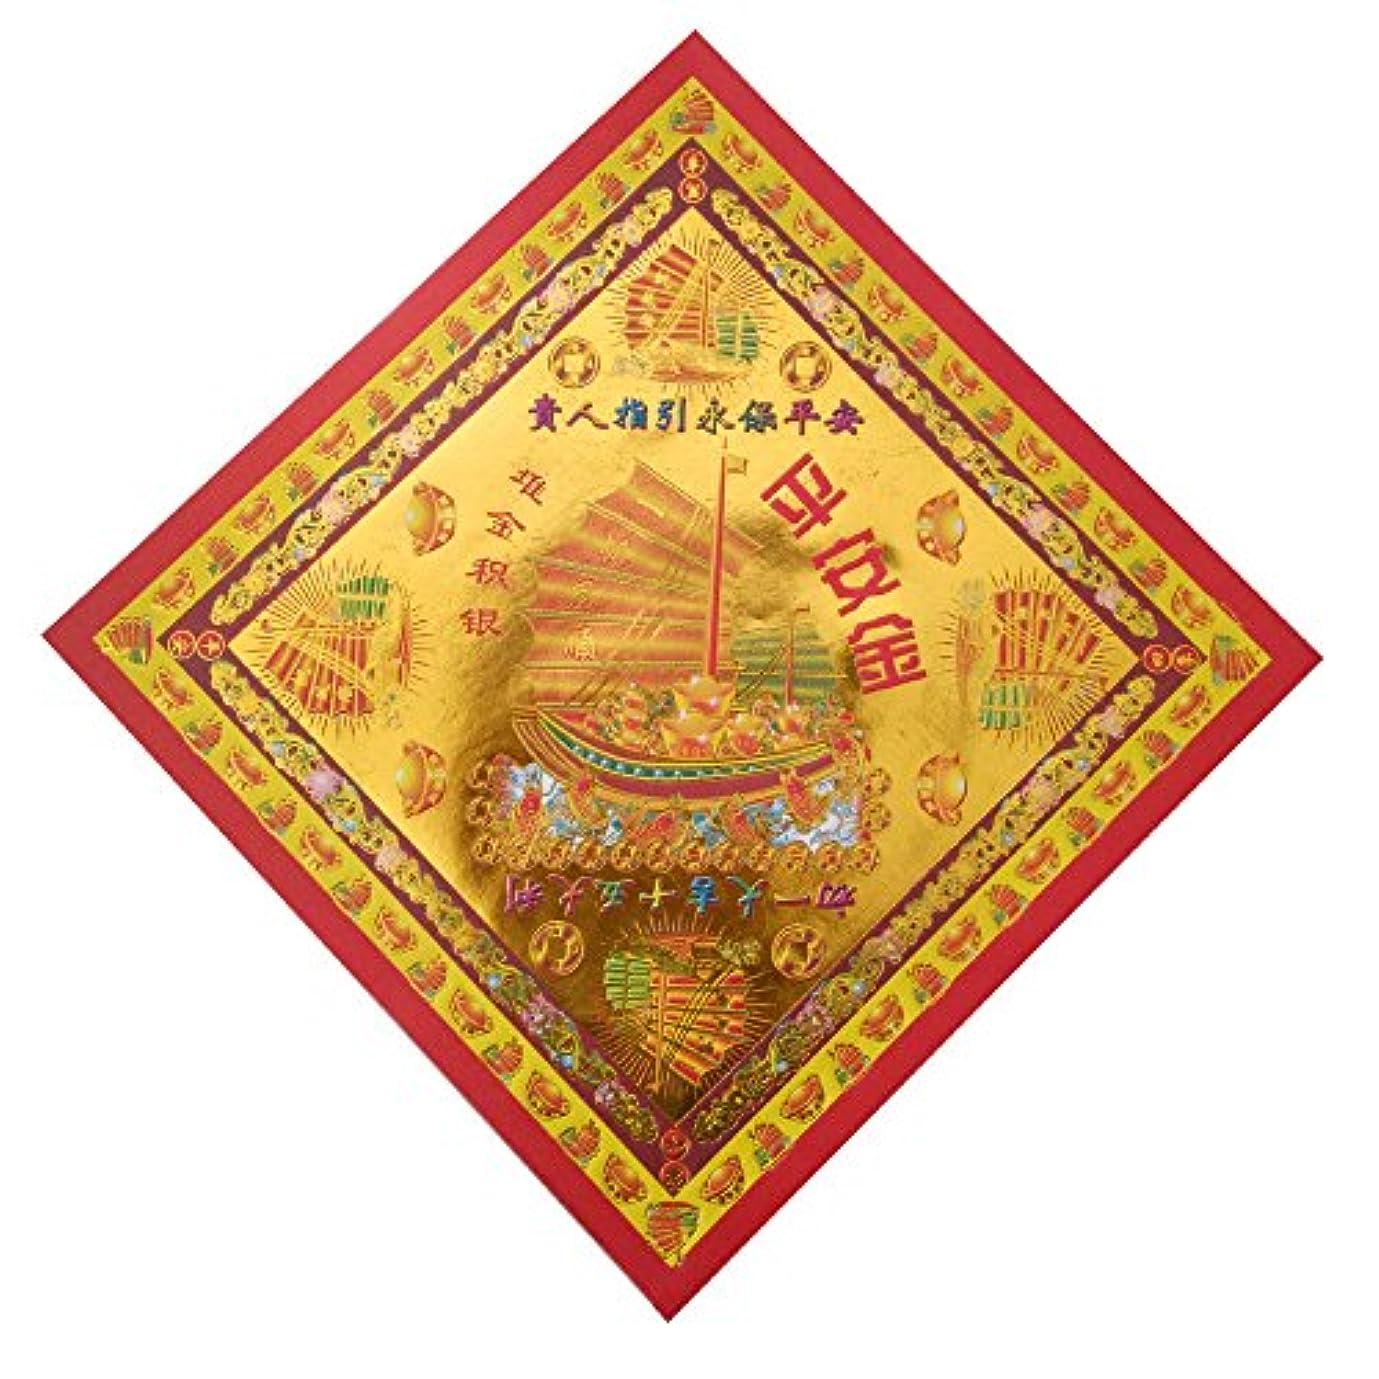 ピストル音声学泥棒zeestar祖先Incense用紙/Joss用紙ハイグレードカラフルwithゴールドの箔の祖先Praying 7.6インチx 7.6インチ、40個